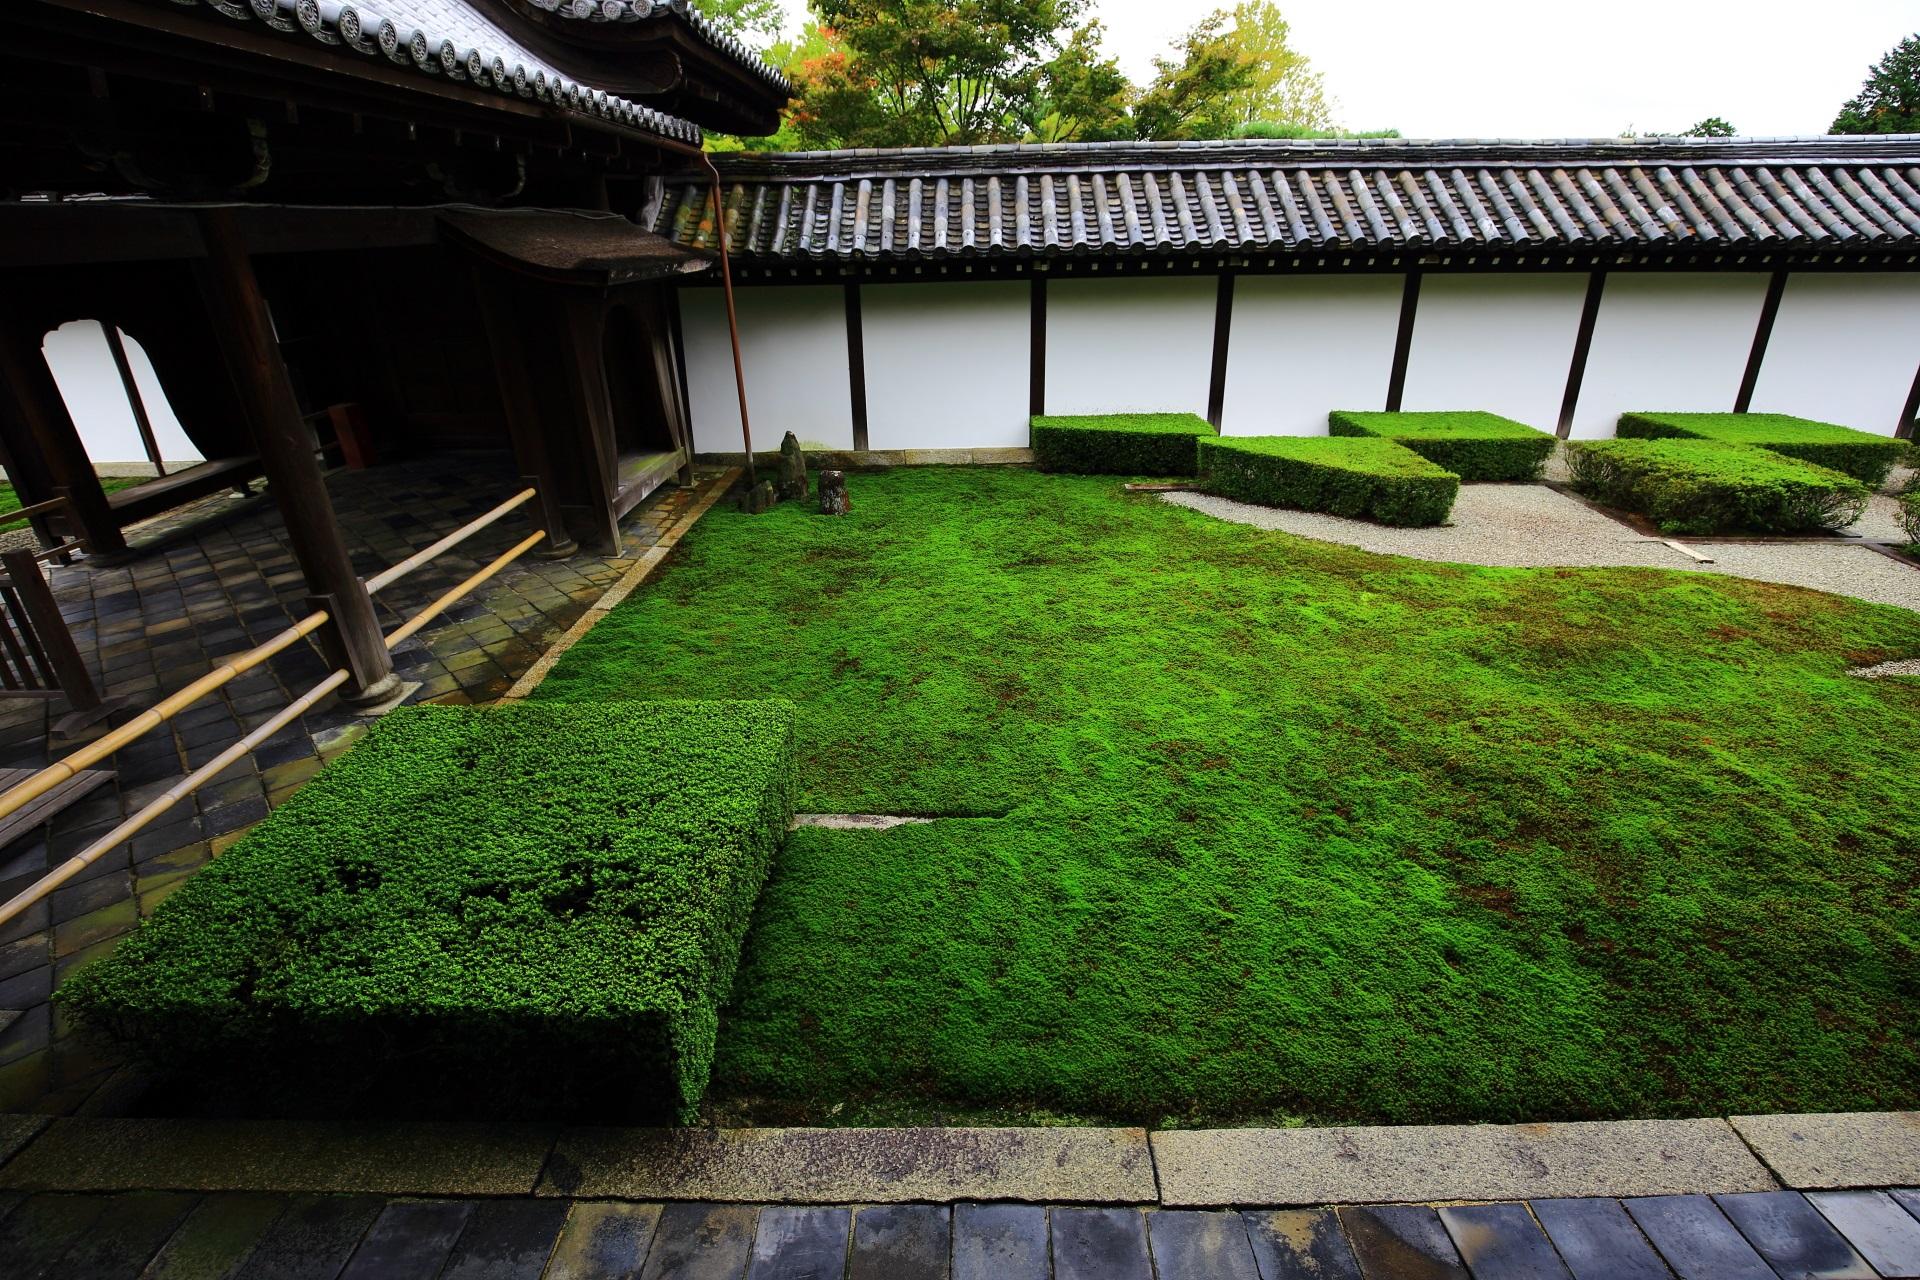 緑の苔とサツキの刈り込みが綺麗な方丈西庭